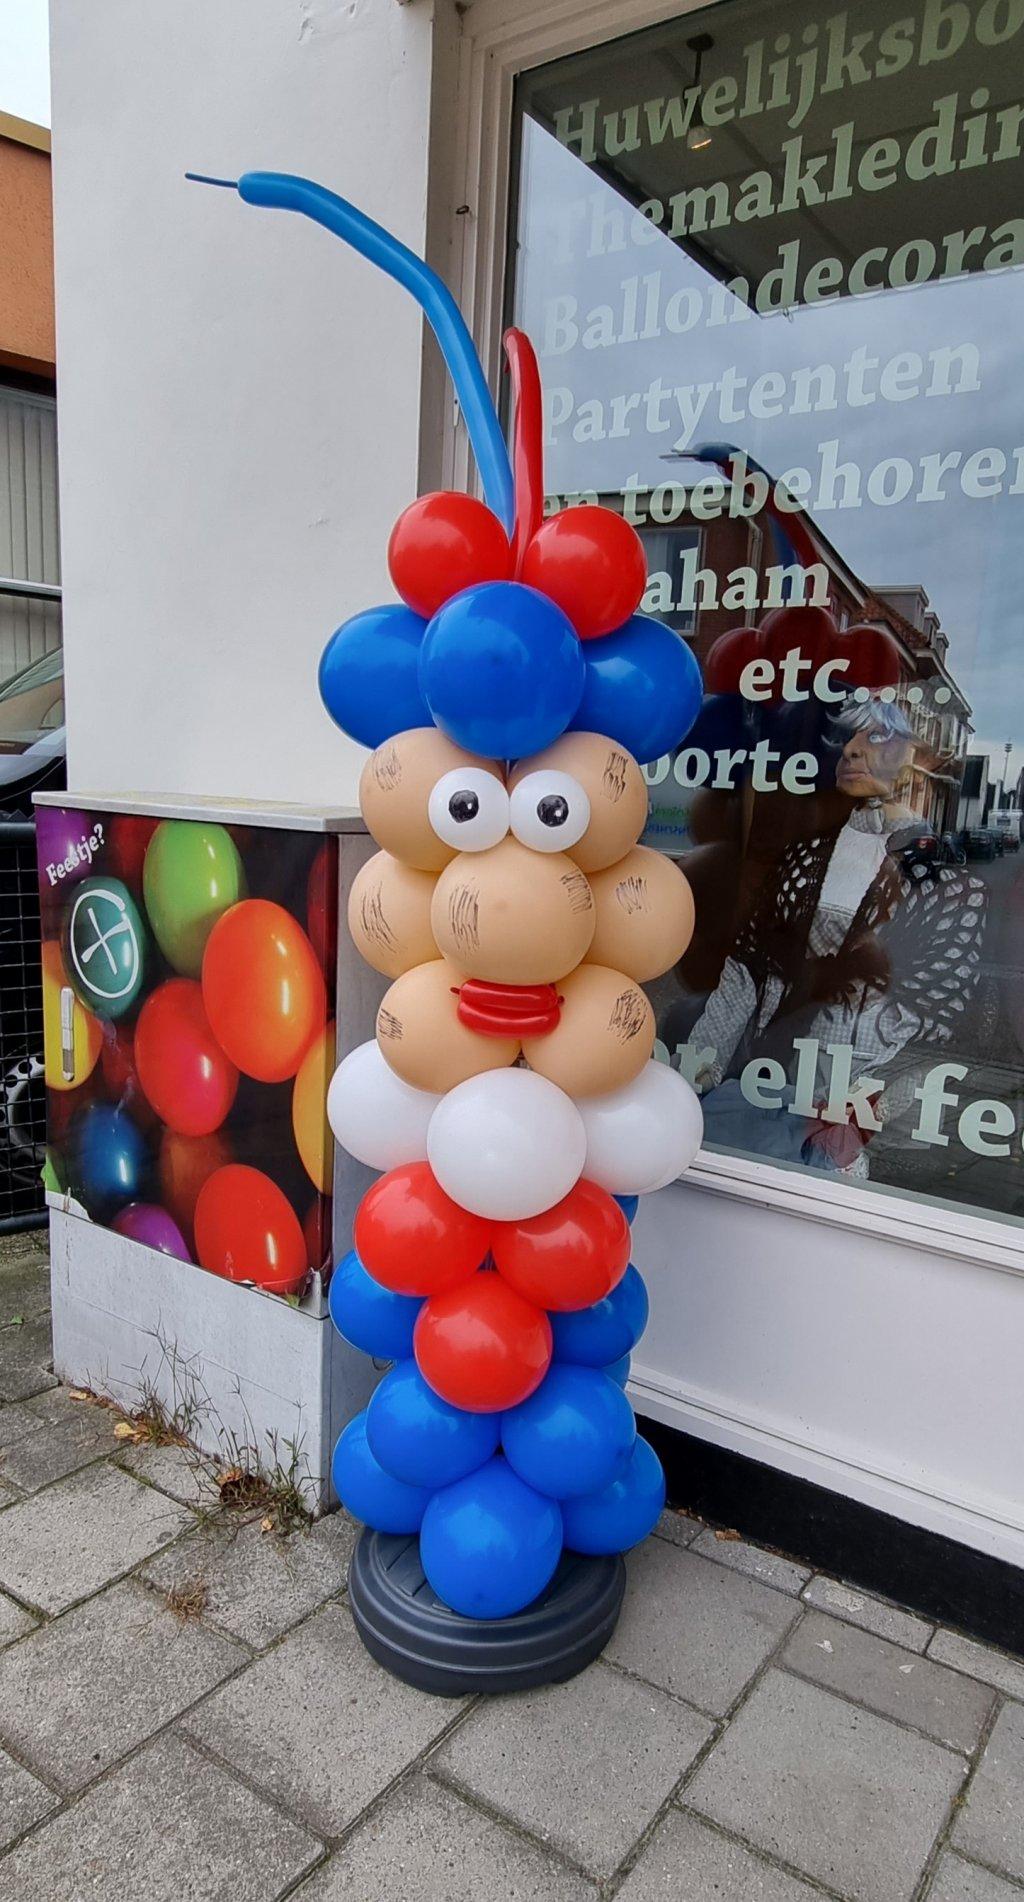 Zwarte piet van ballonnen foto